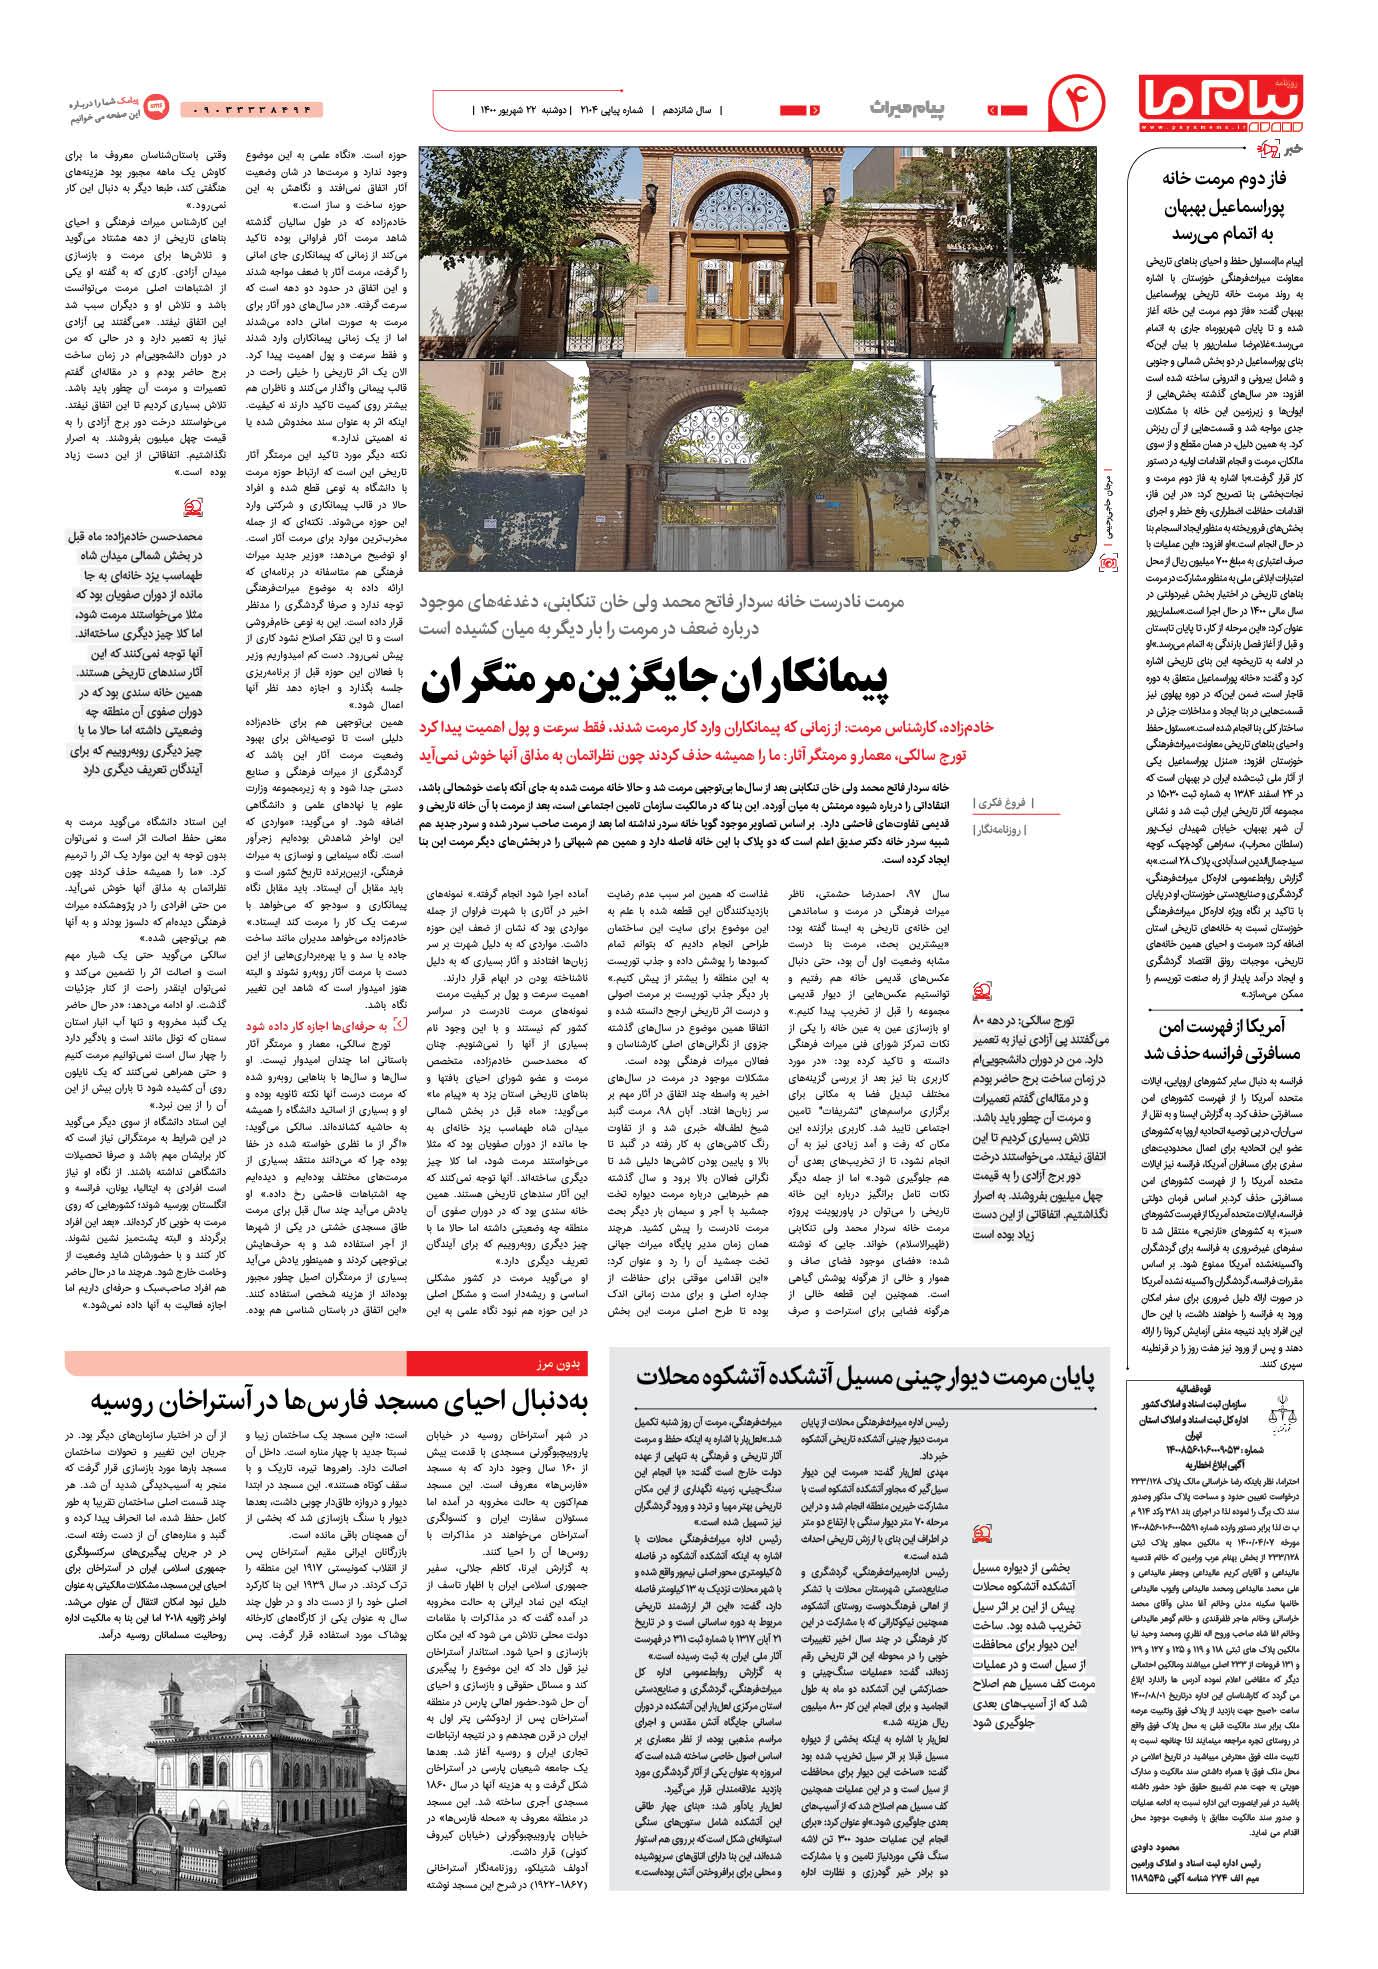 صفحه پیام میراث شماره 2104 روزنامه پیام ما